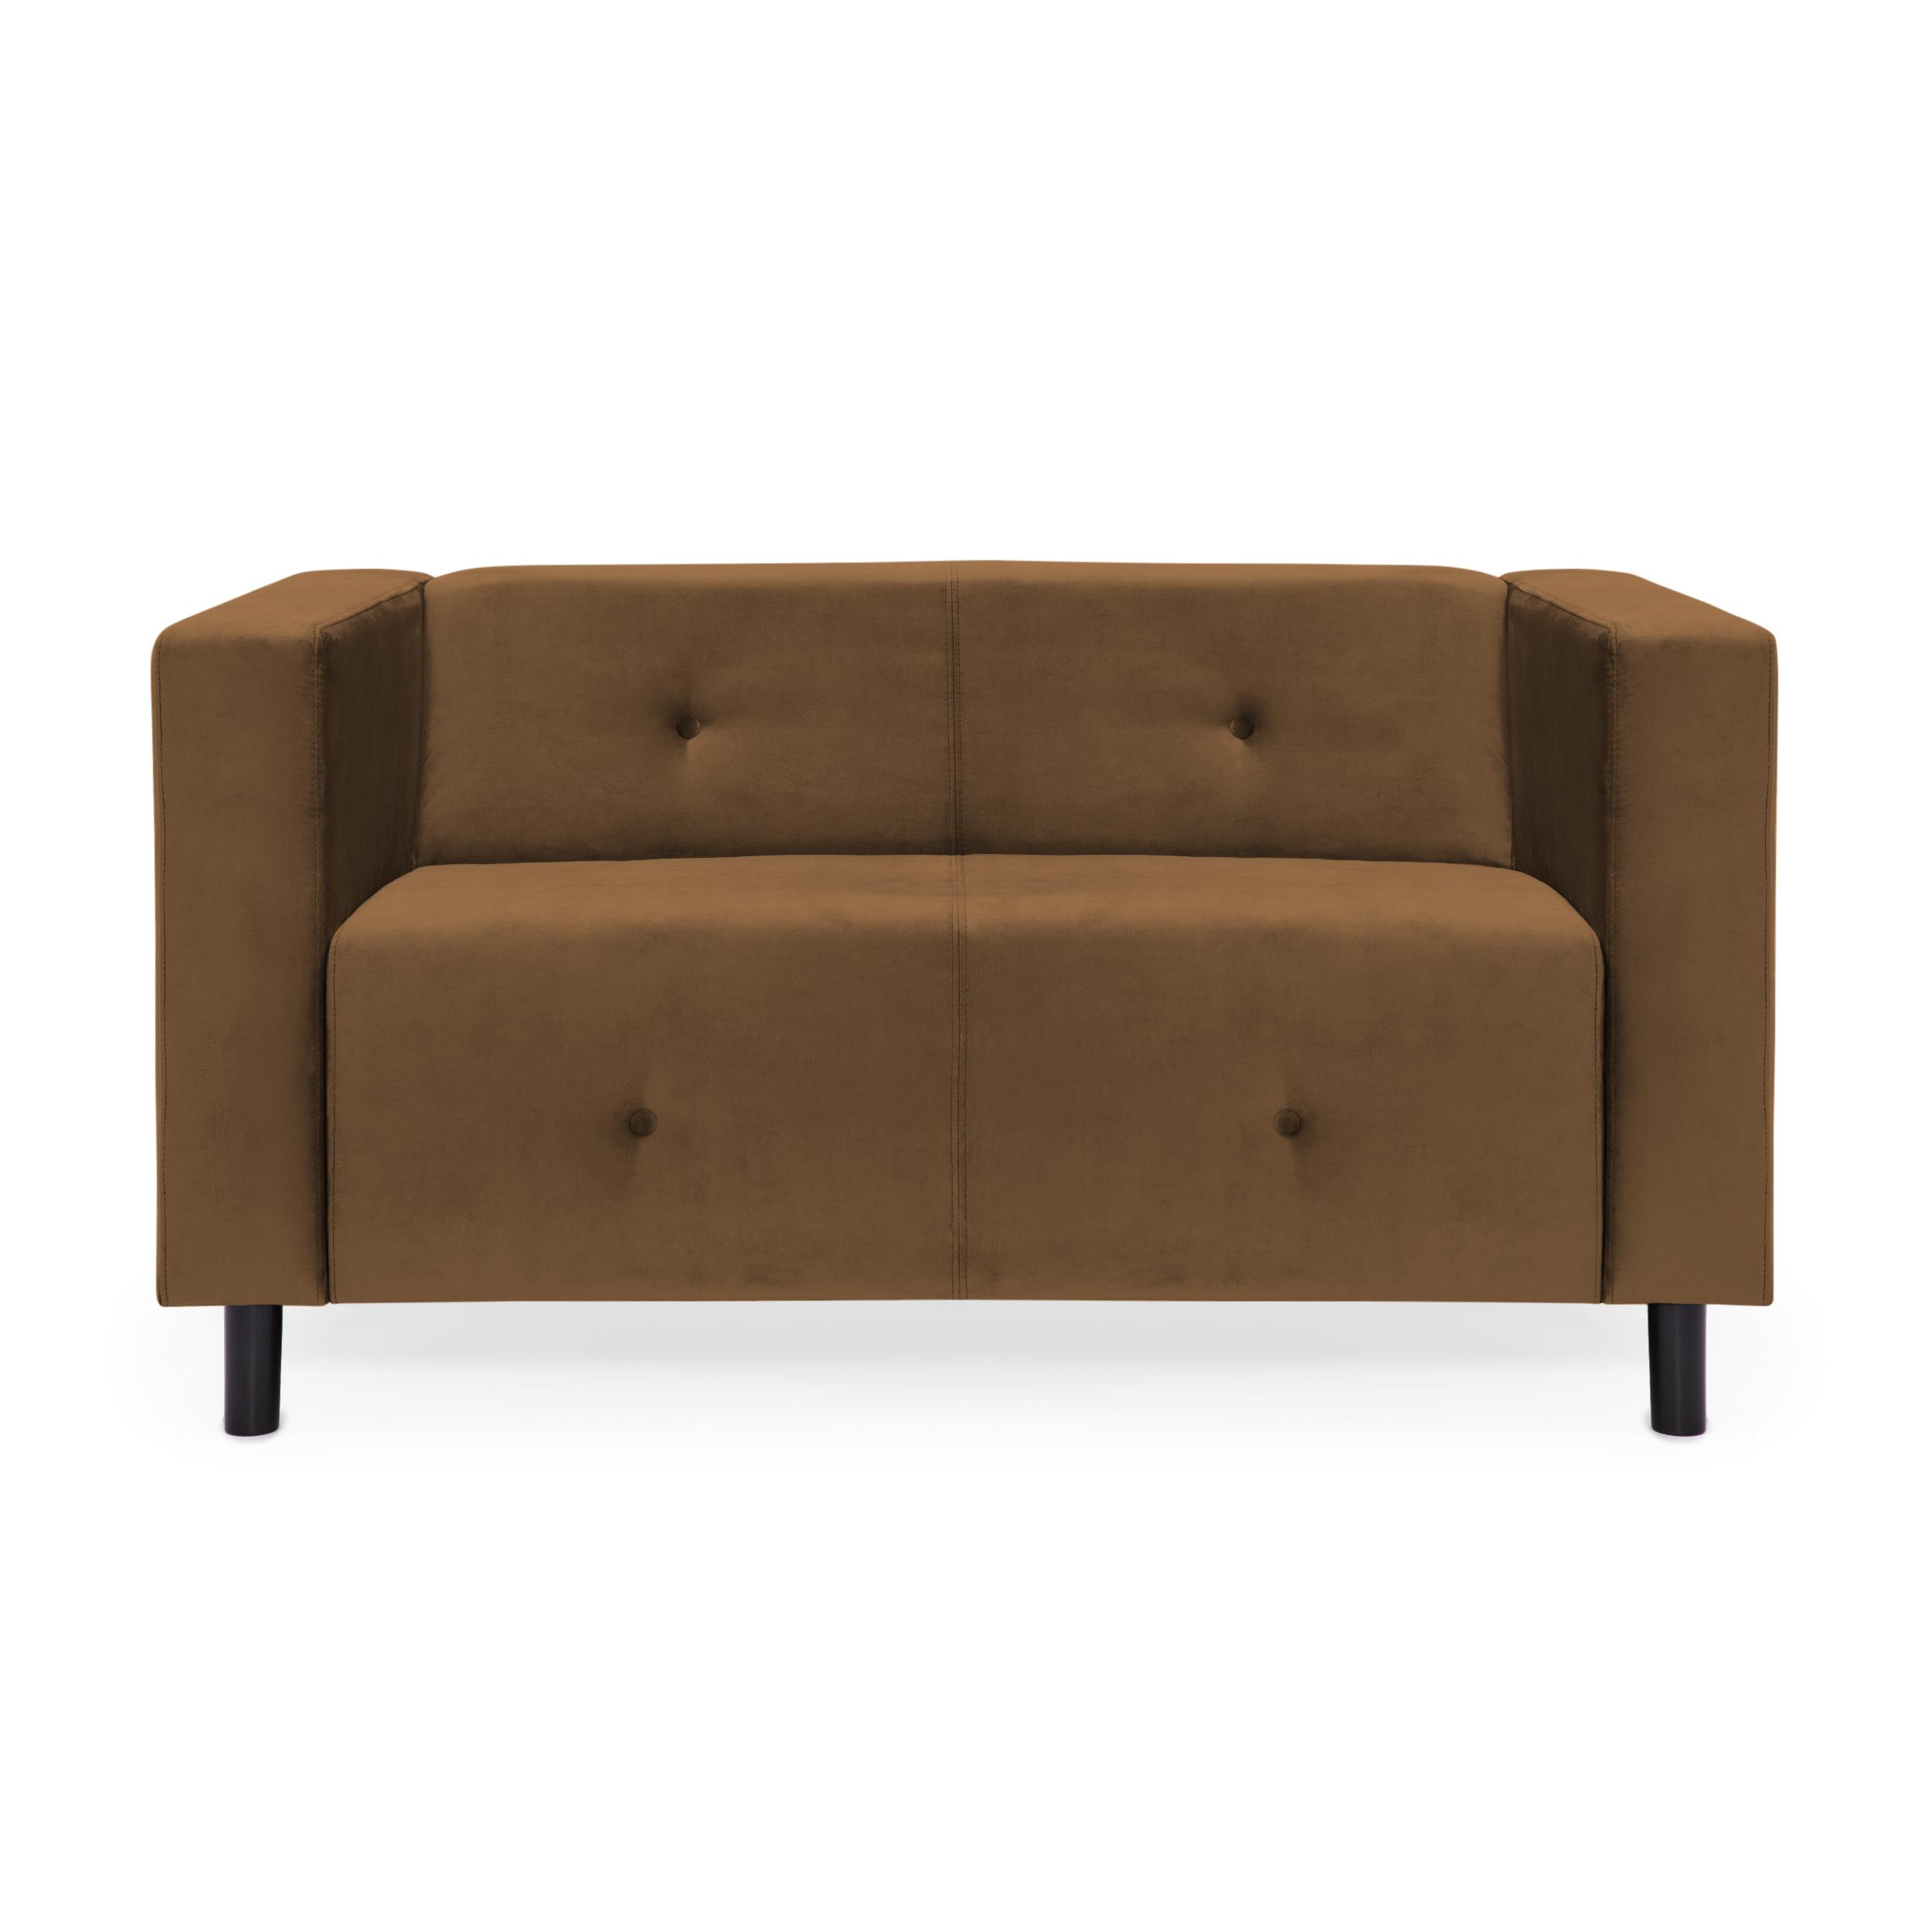 Canapea 2 locuri Milo Tobacco Brown